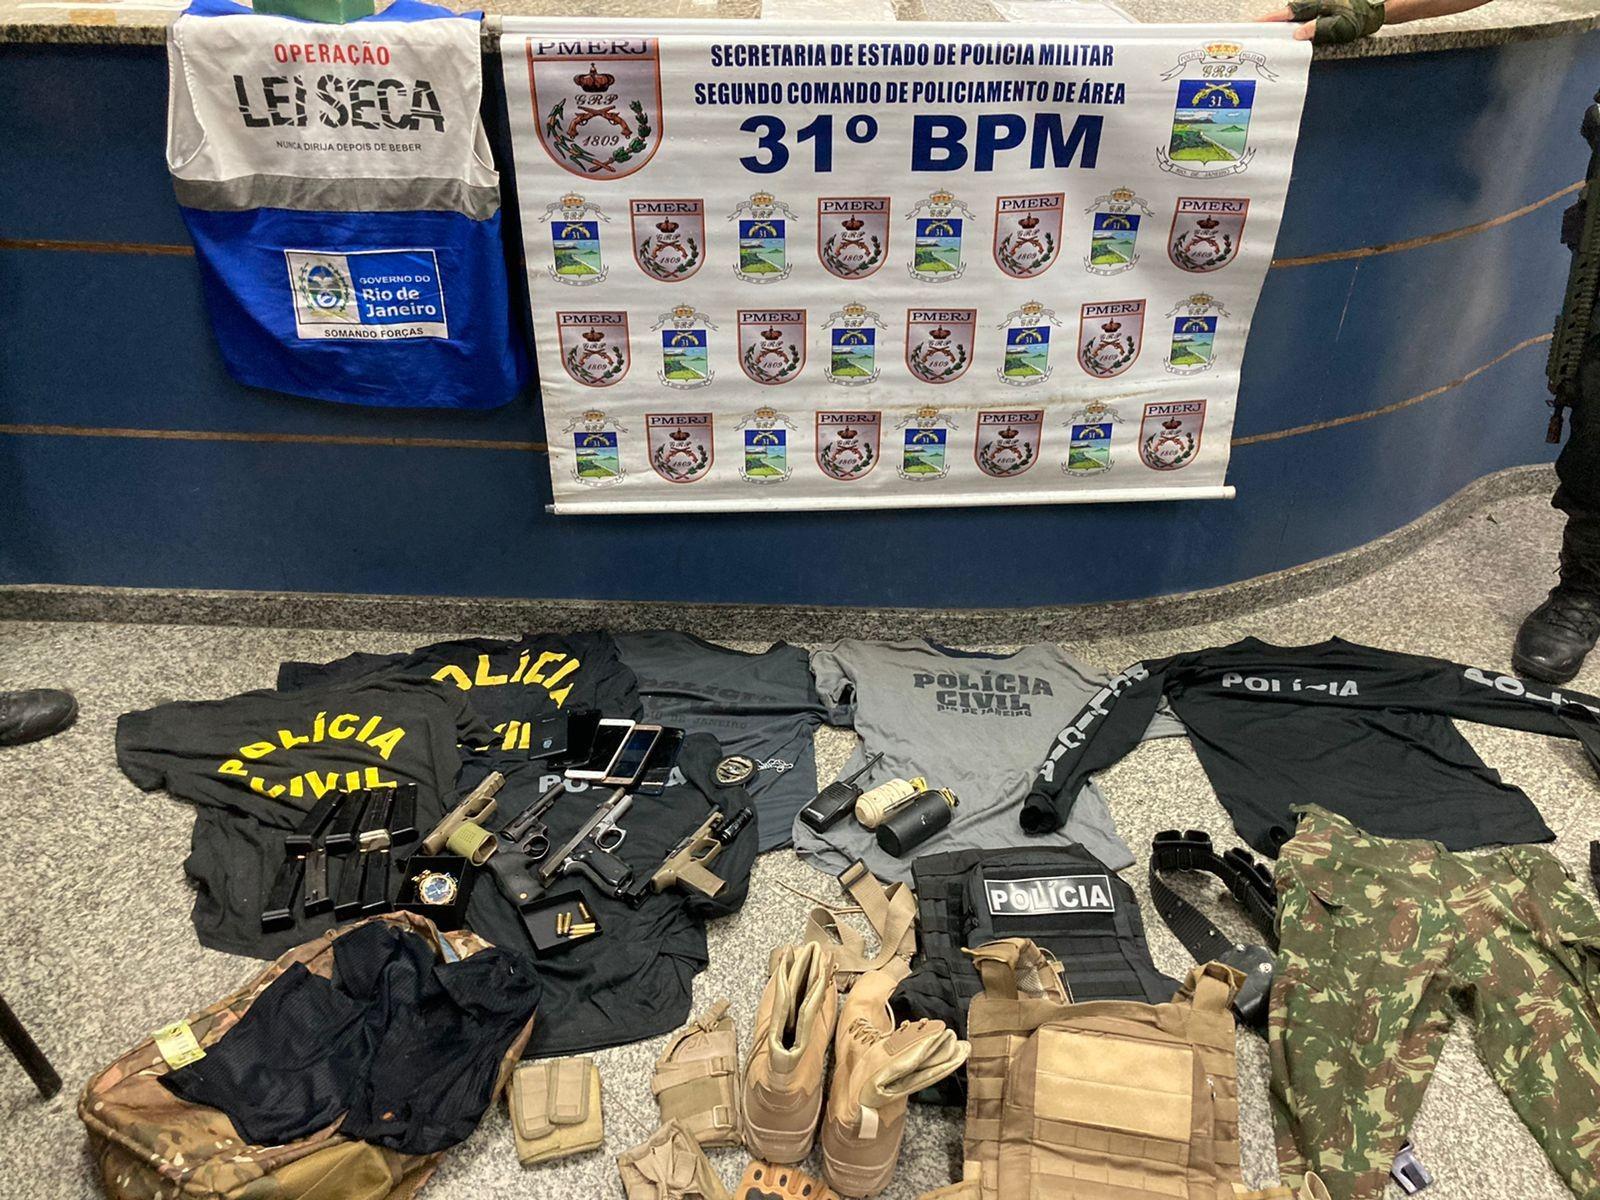 Suspeitos são presos com armas e granadas durante blitz da Operação Lei Seca na Barra da Tijuca